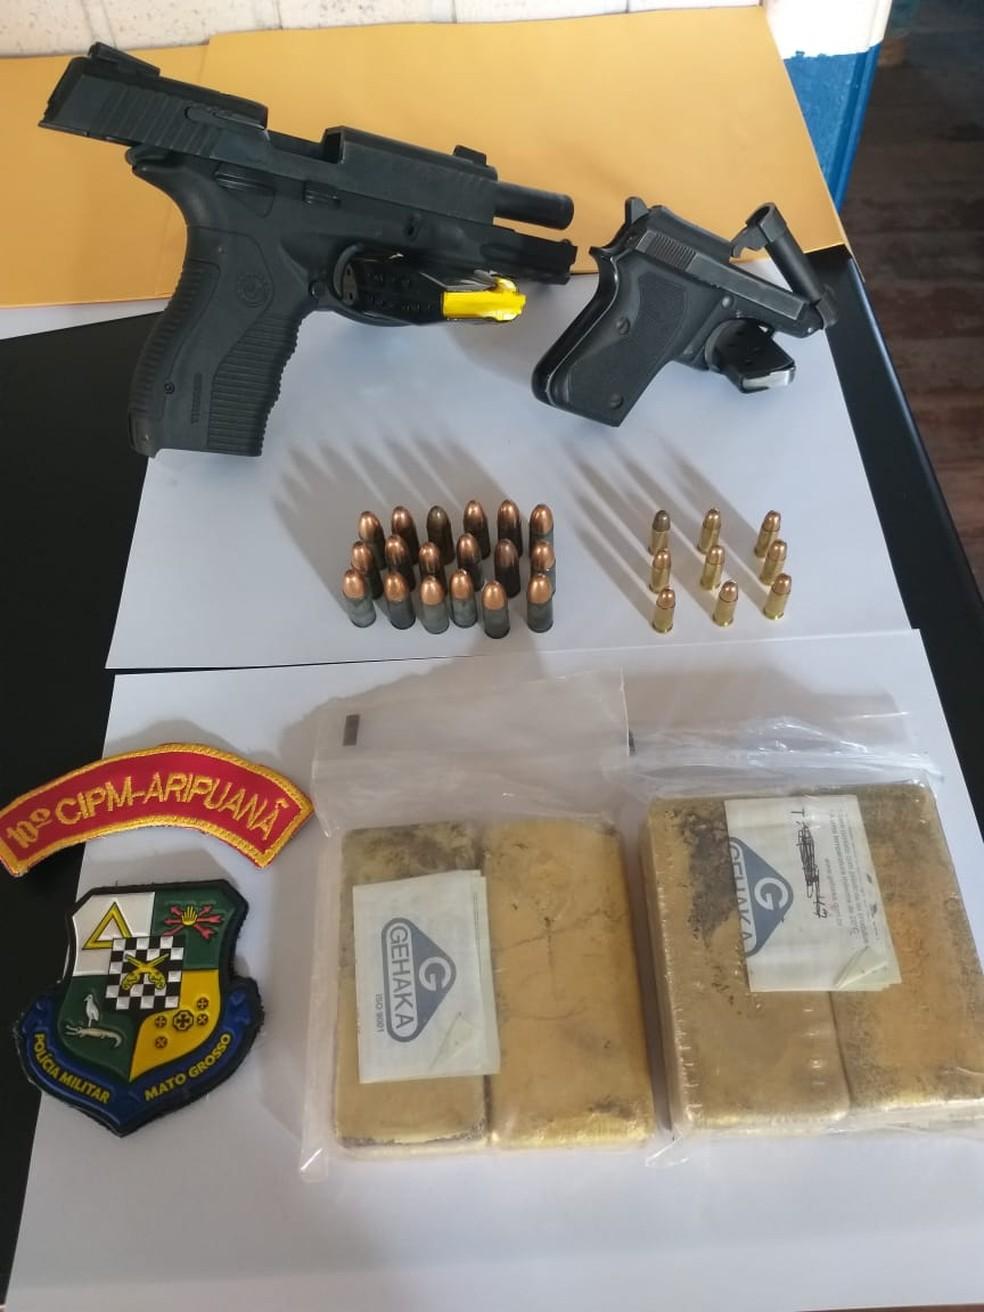 Barras de ouro e armas foram apreendidos com garimpeiro e outro suspeito em Aripuanã — Foto: Polícia Militar de Mato Grosso/Assessoria